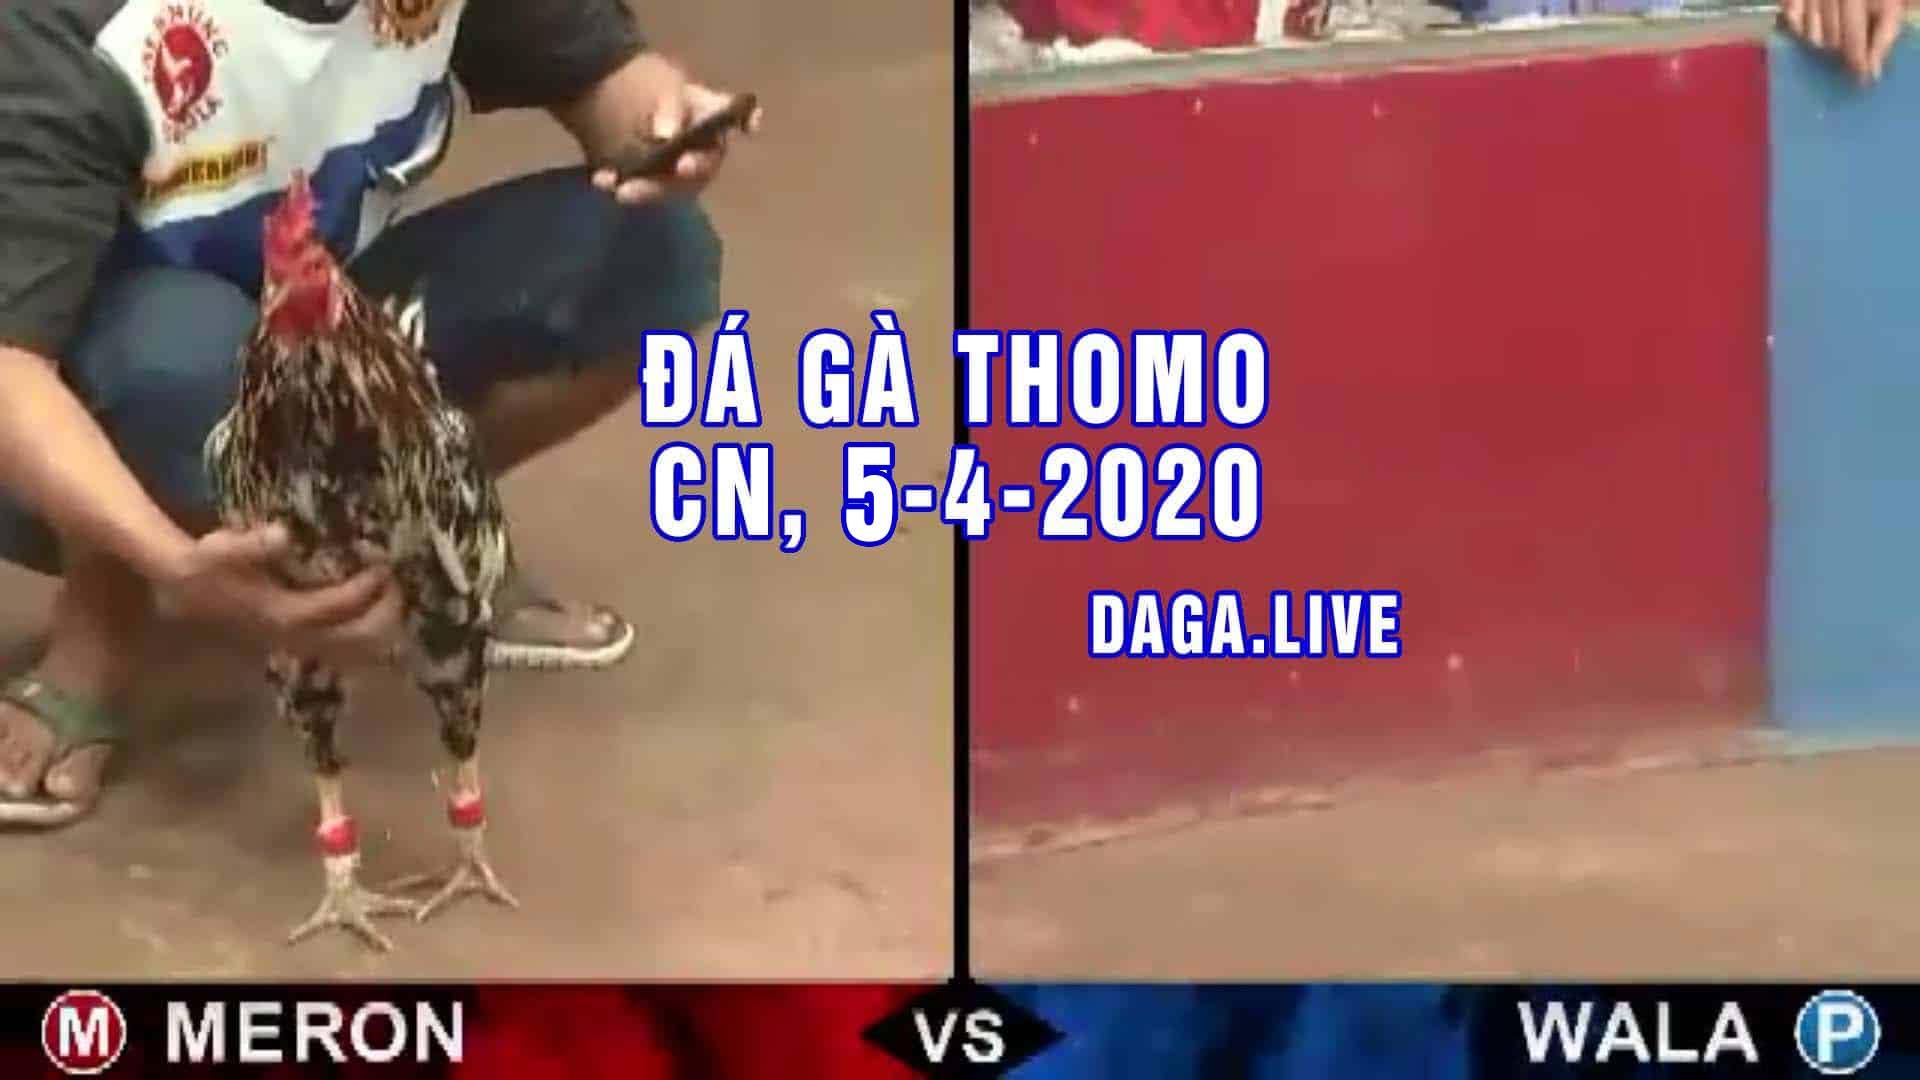 DAGA.LIVE - Đá gà trực tiếp thomo hôm nay, đá gà thomo, đá gà campuchia, đá gà cựa sắt chủ nhật ngày 4-4-2020